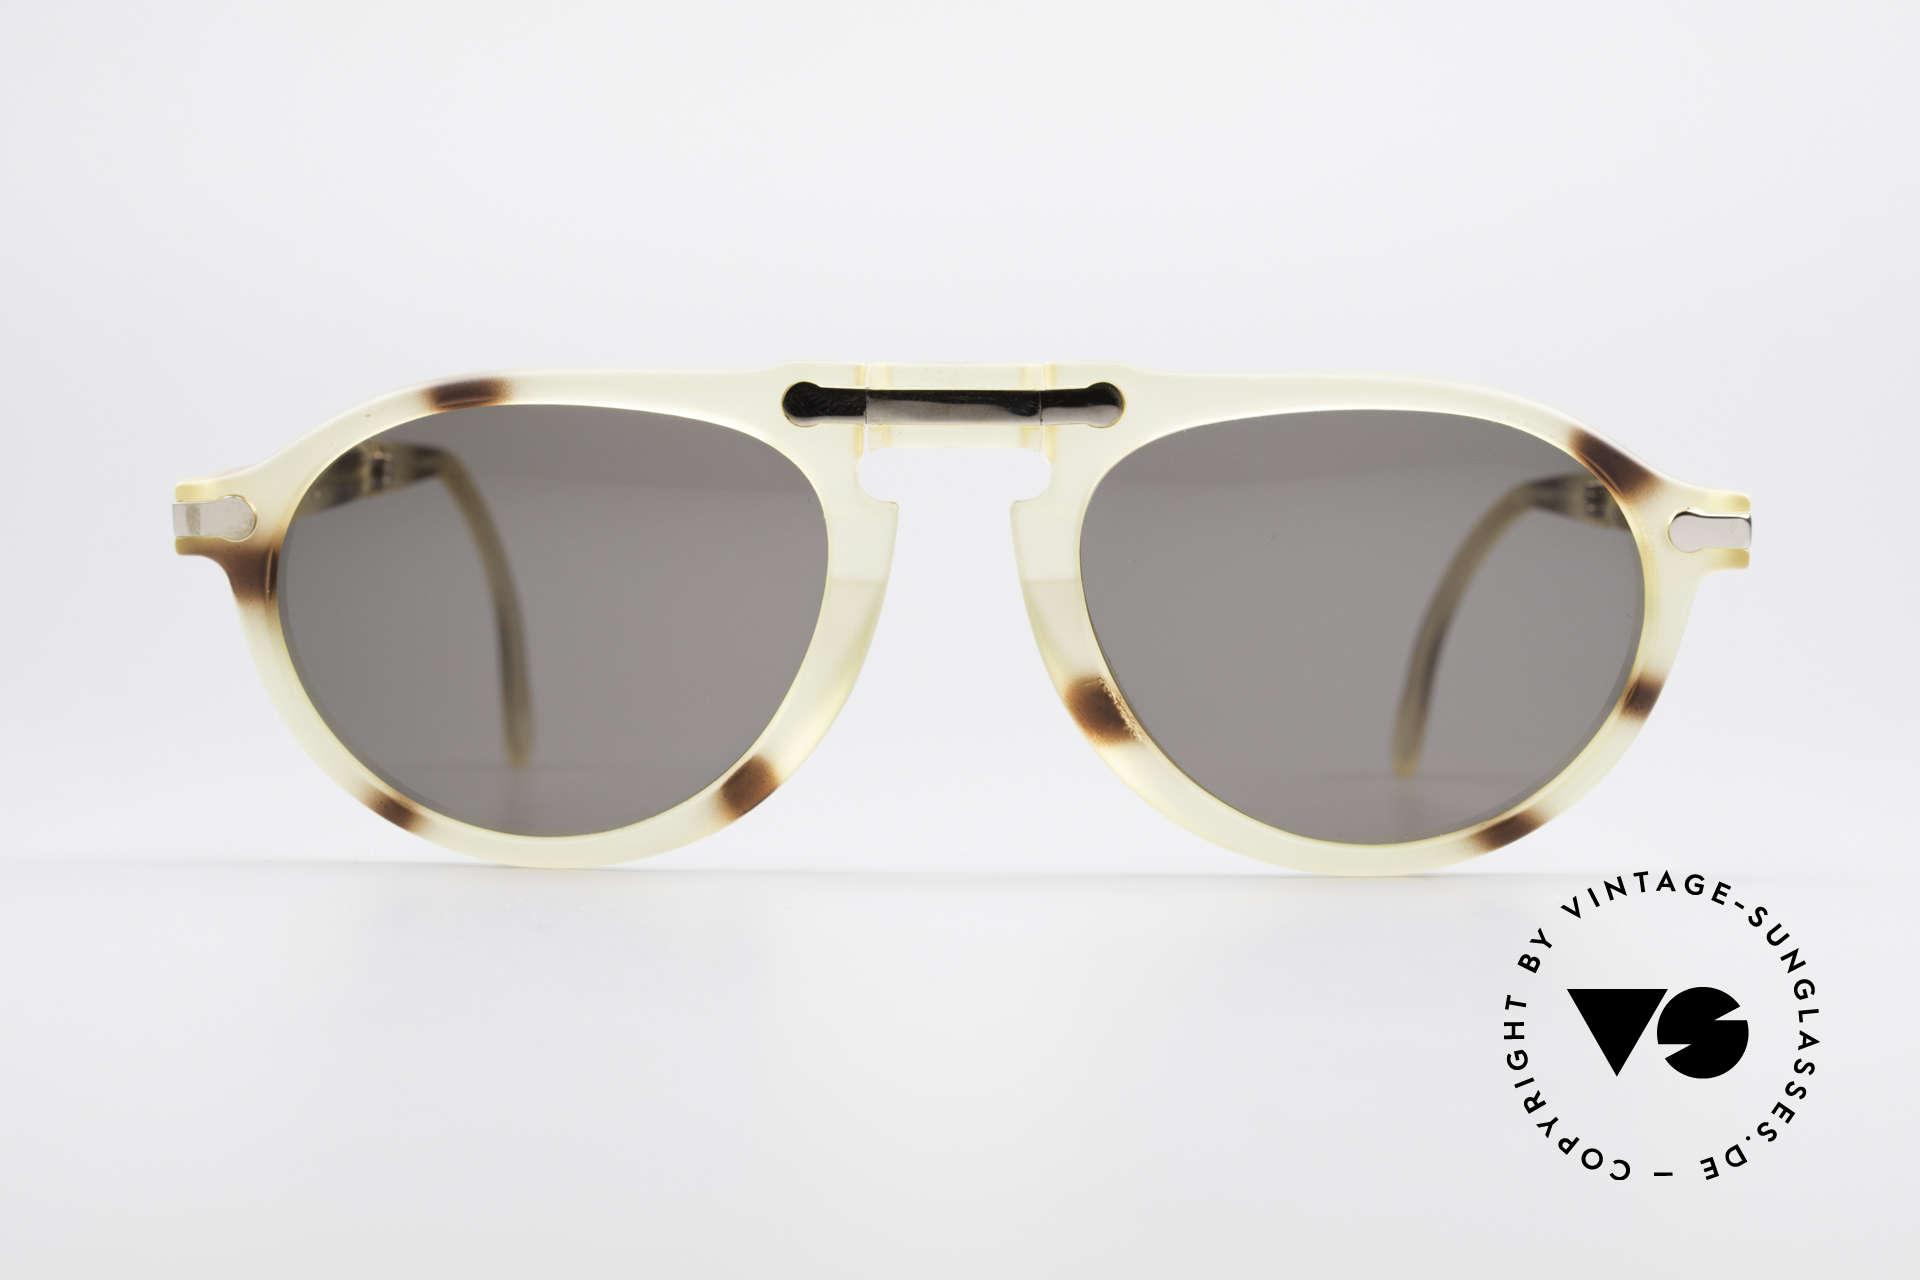 BOSS 5153 Vintage Faltsonnenbrille 90er, Kooperation von BOSS & Carrera in den 90er Jahren, Passend für Herren